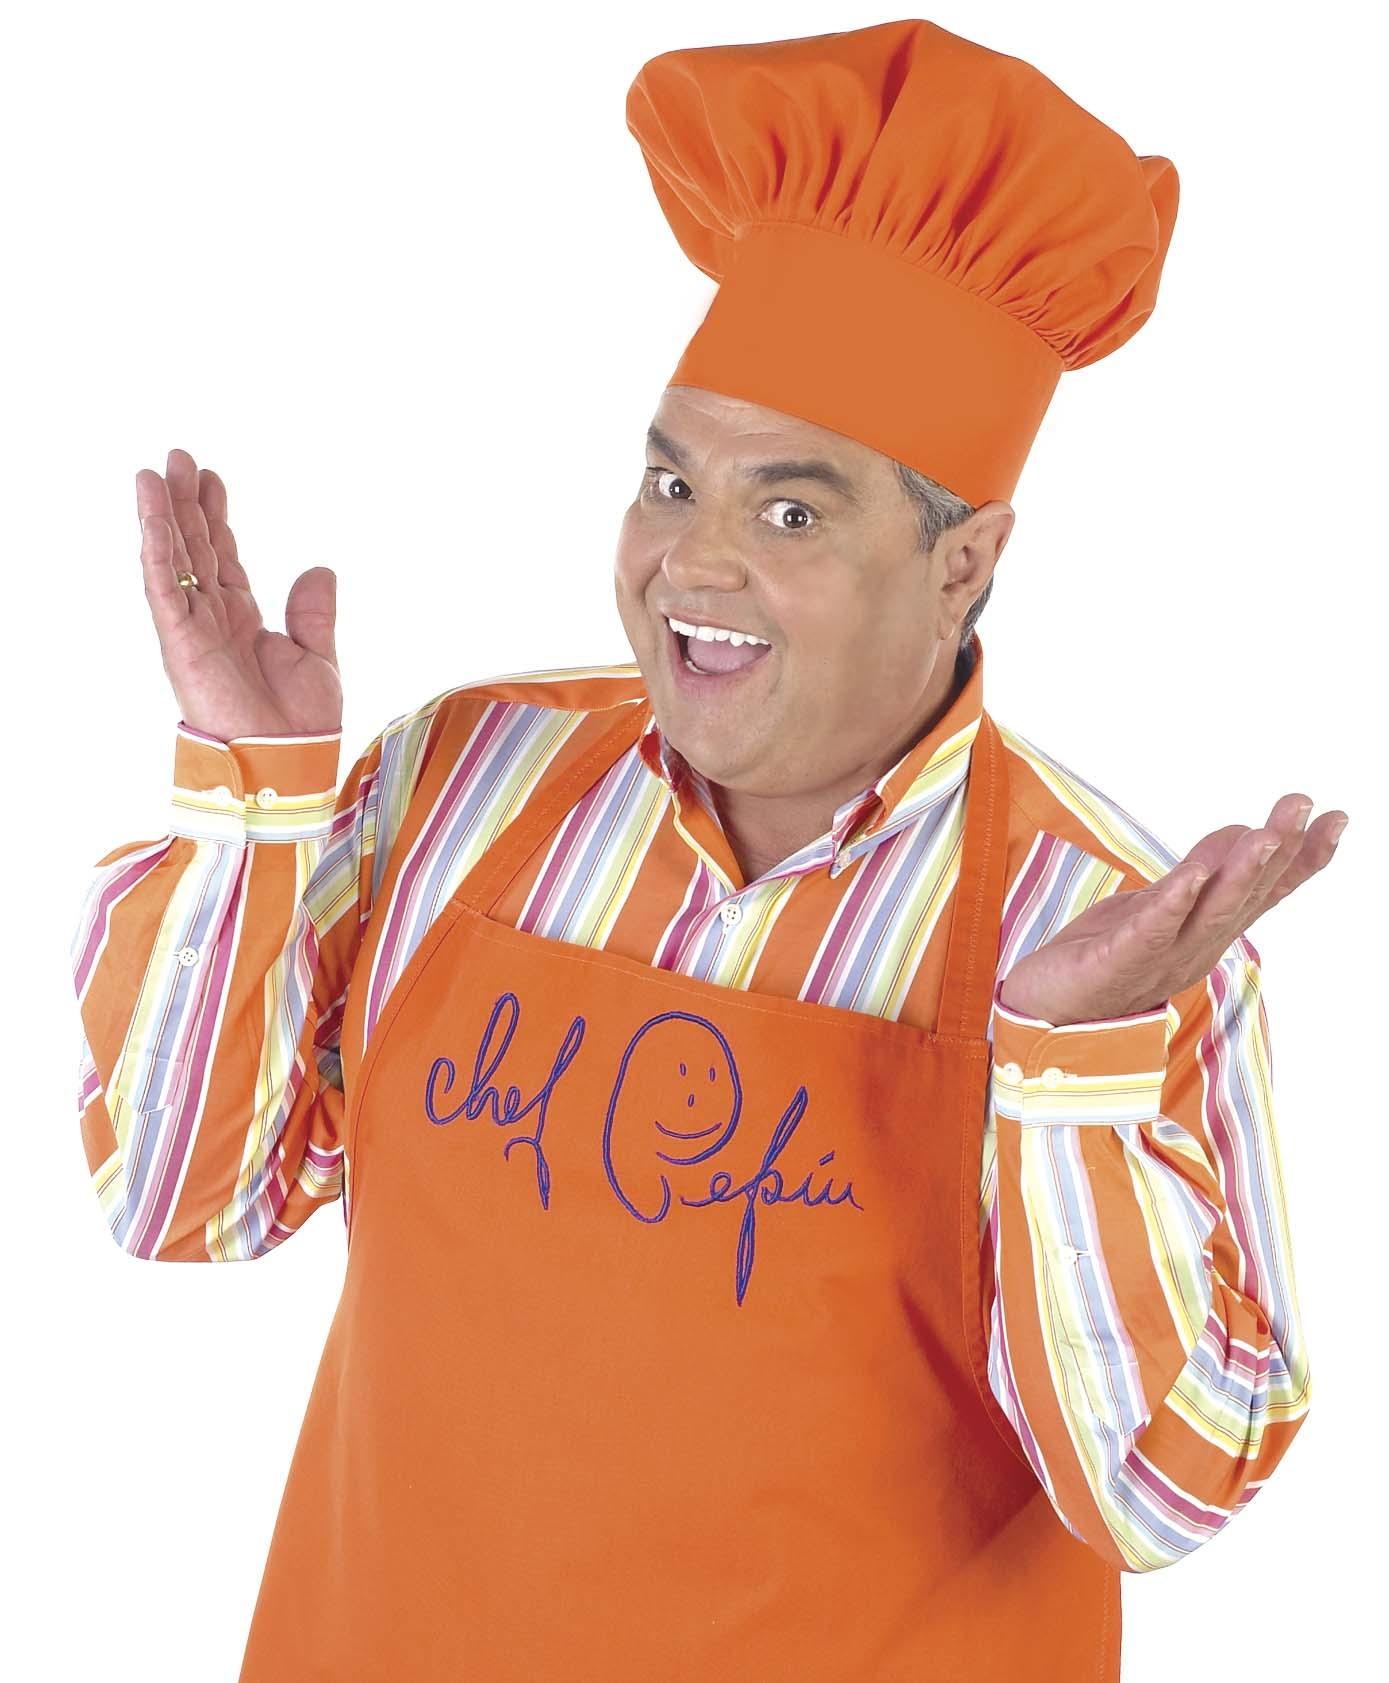 Chef Pepín - Wikipedia